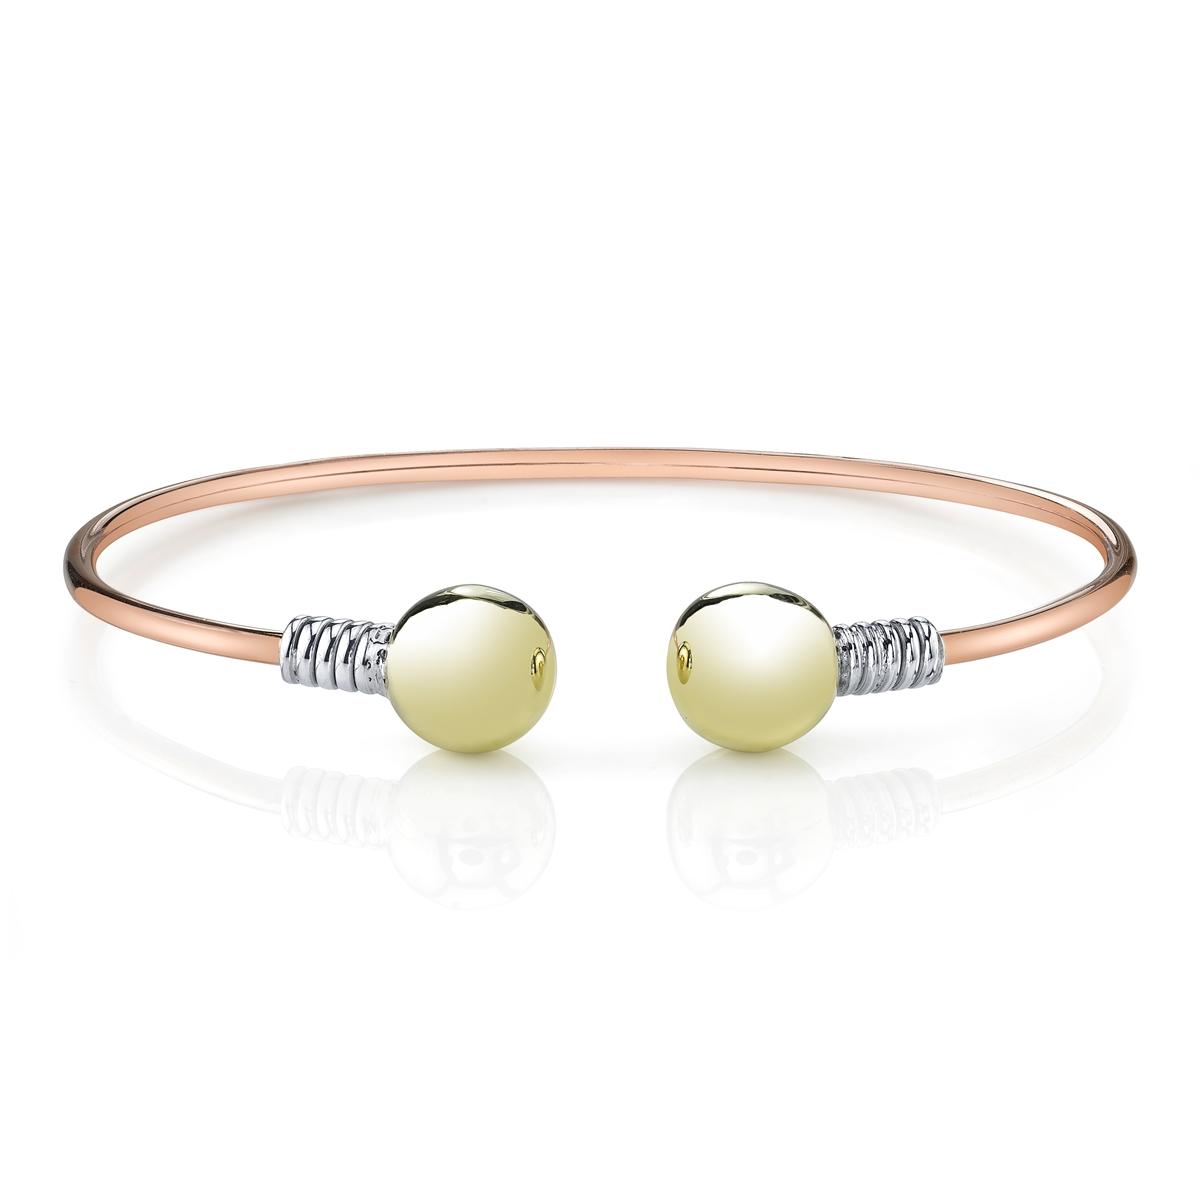 Sterling /& Brass Bracelet